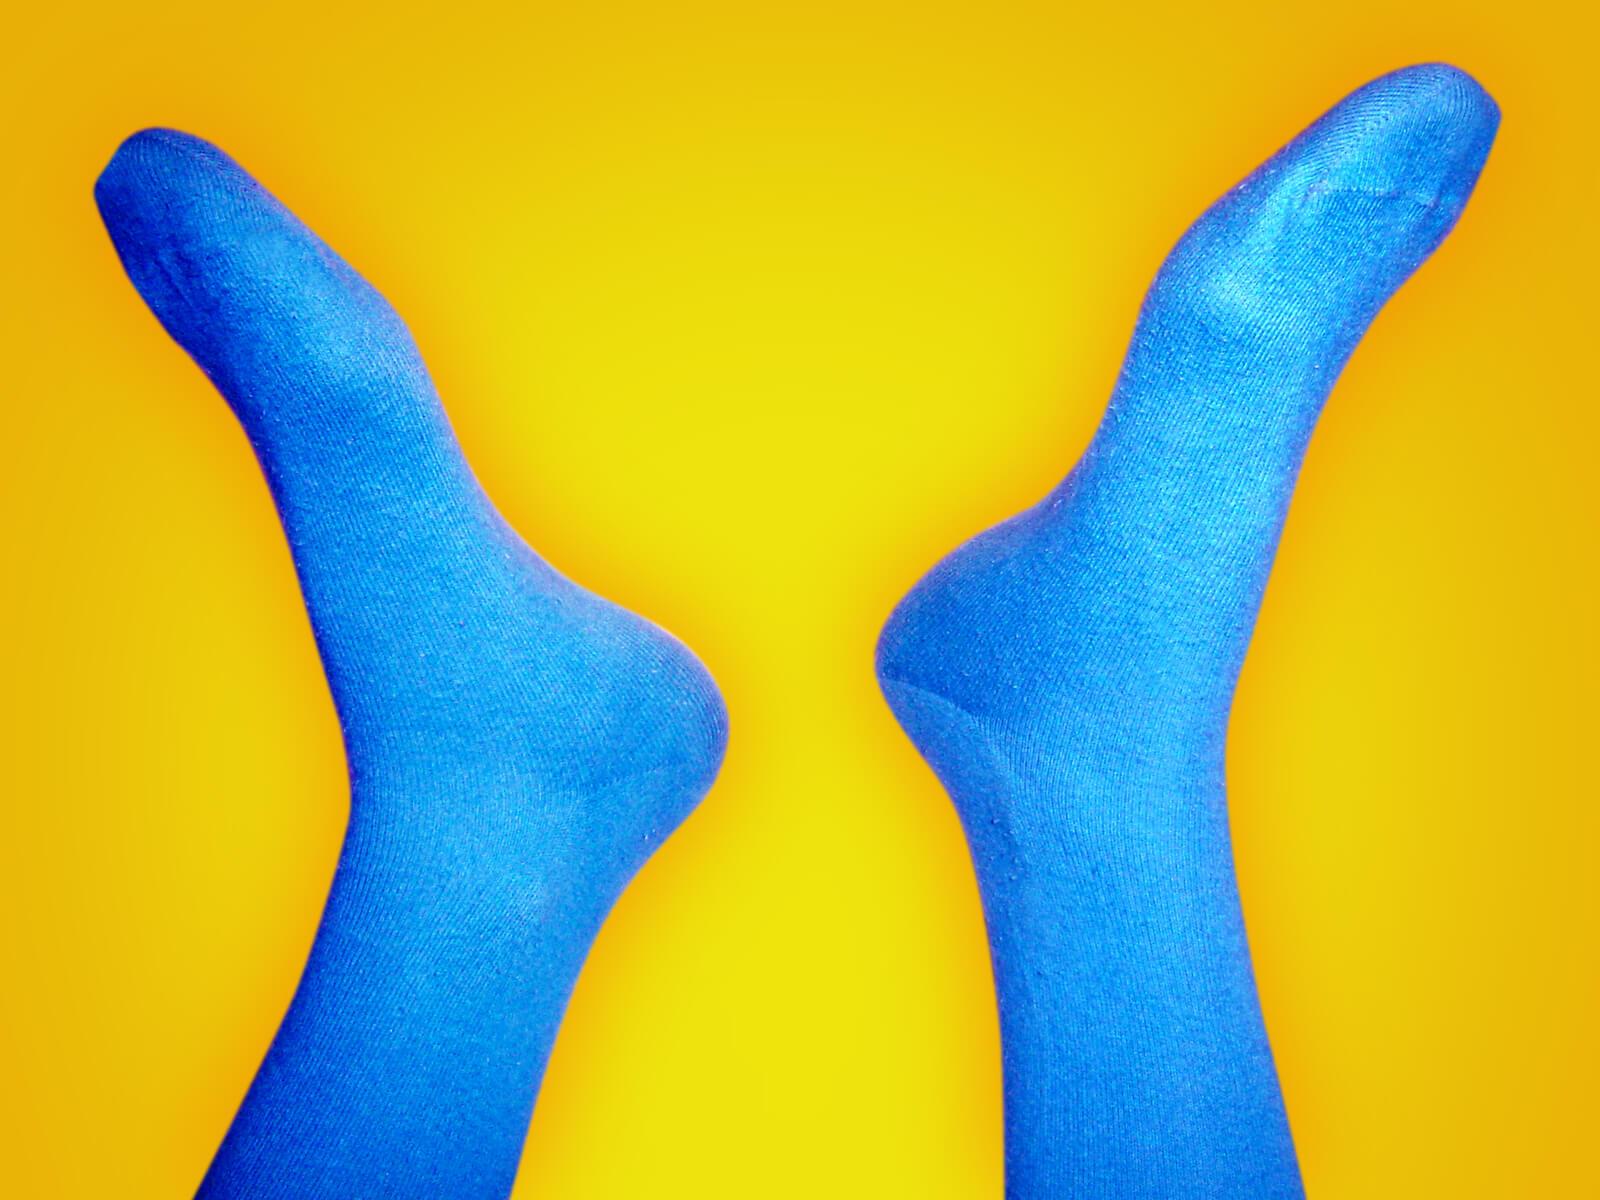 温かそうな青い靴下